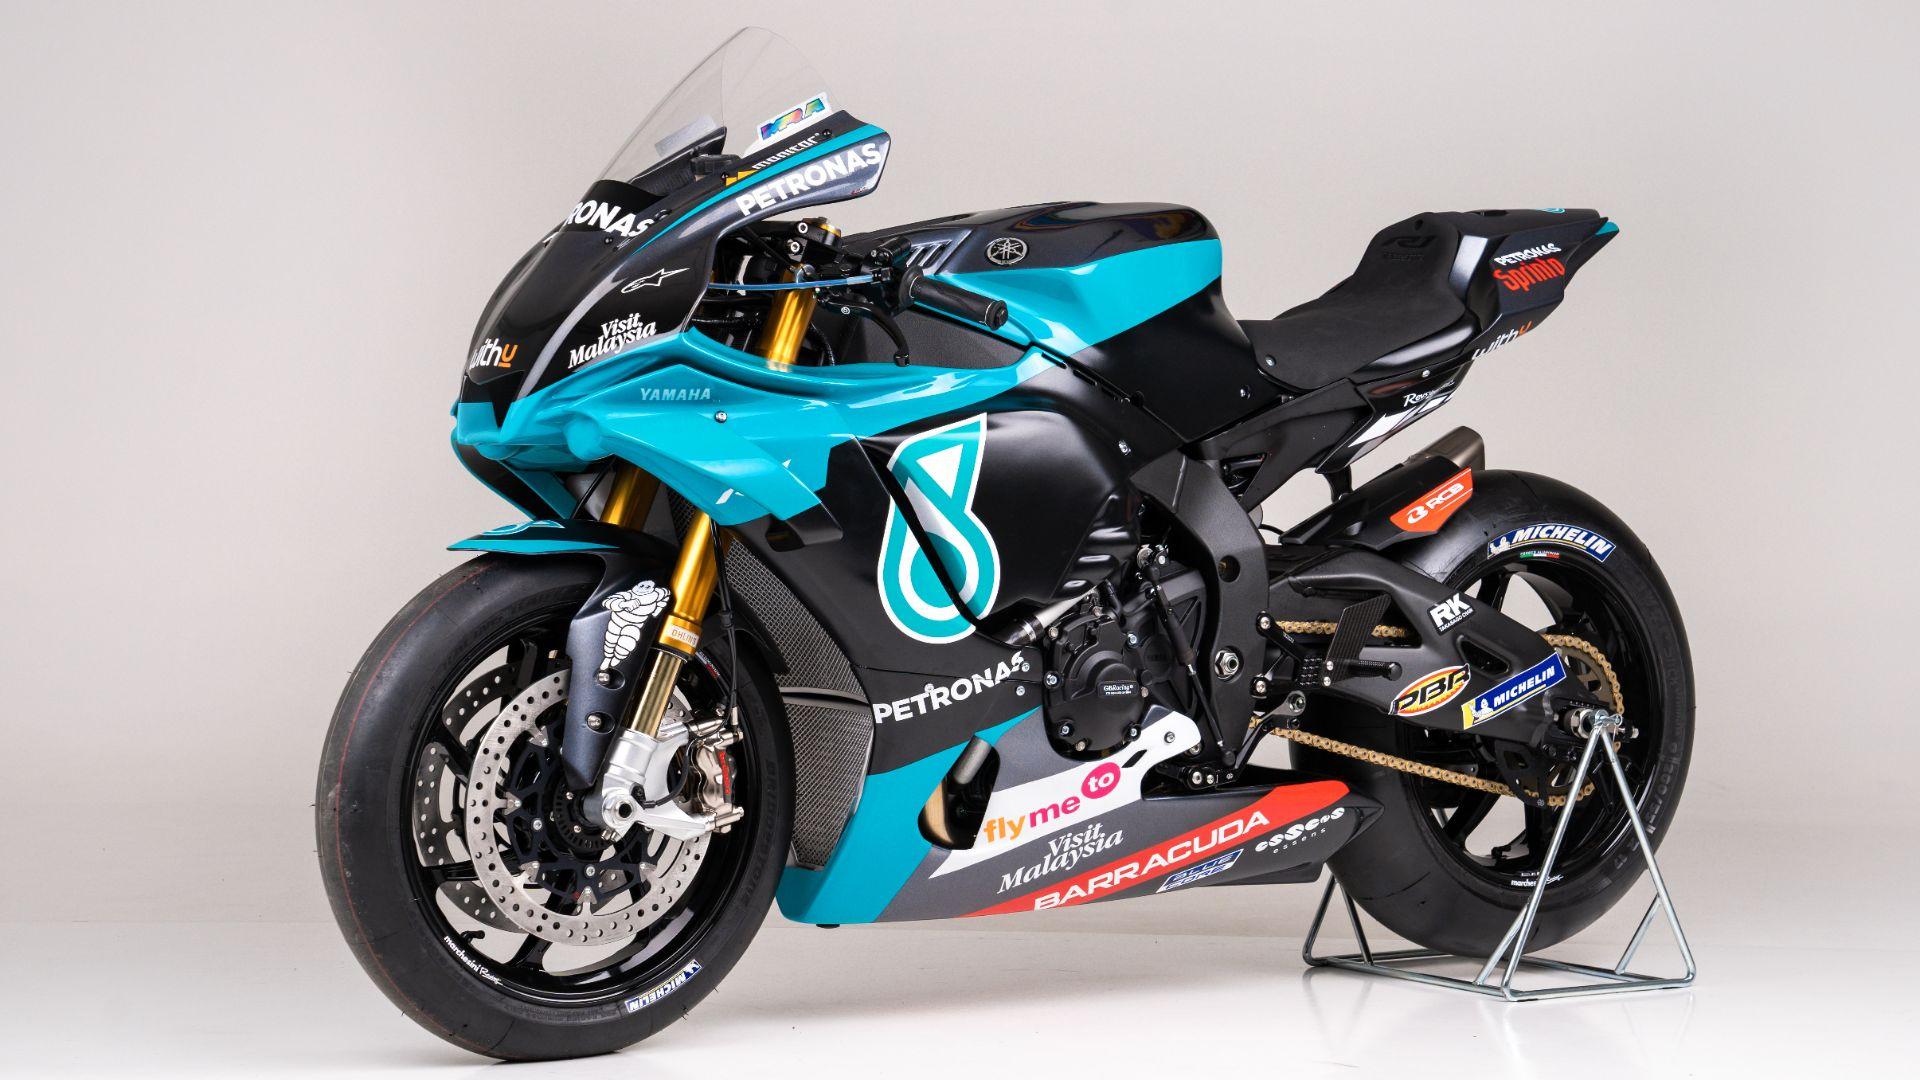 2020 Petronas Yamaha Srt Yzf R1 Motogp Replica Paultan Org